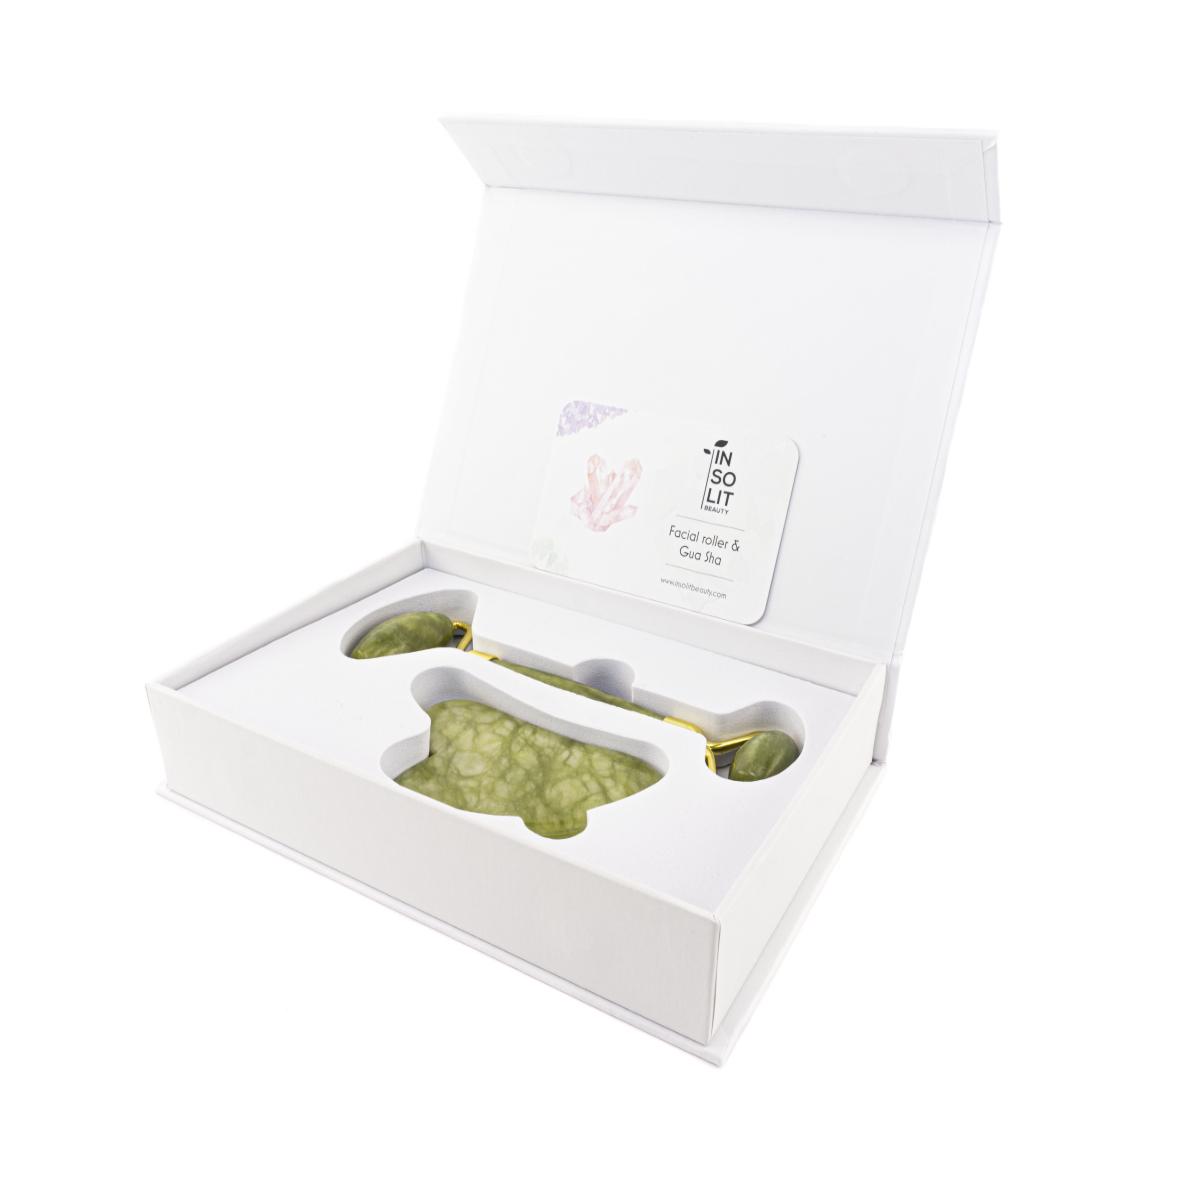 Set Roller facial y guasha de jade Xiuyan certificado